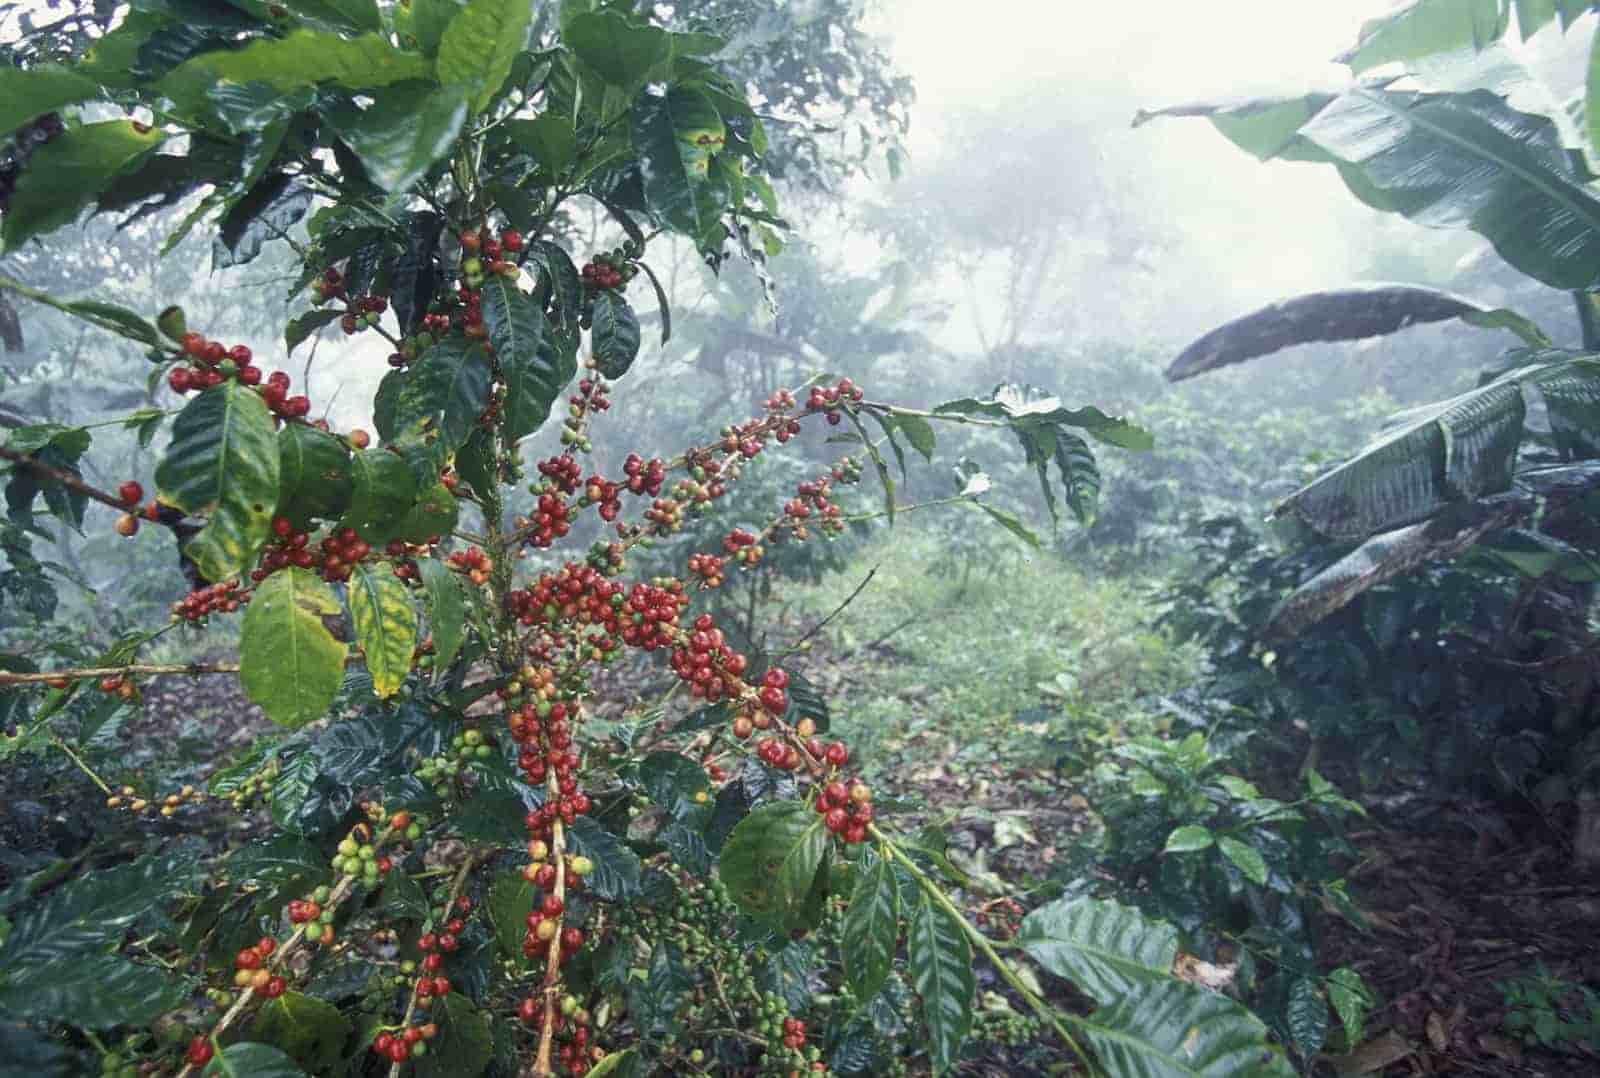 مزرعه قهوه عربیکا هندوراس